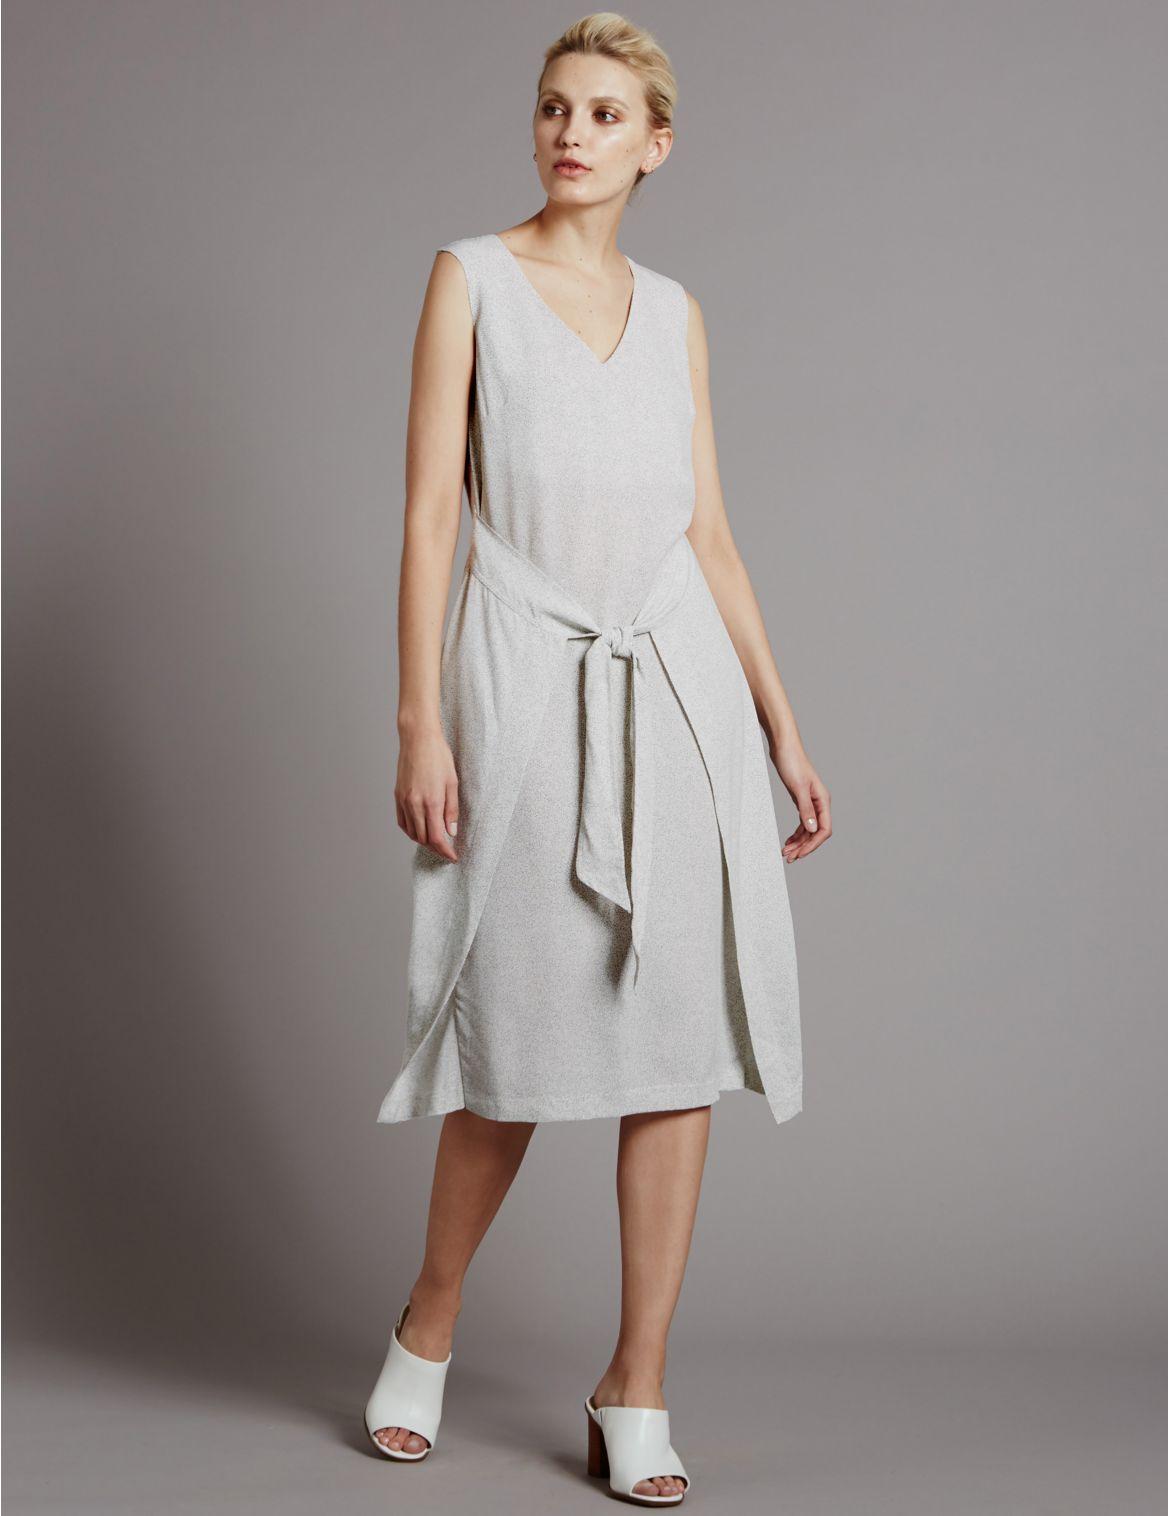 Rechte jurk met uitstekende